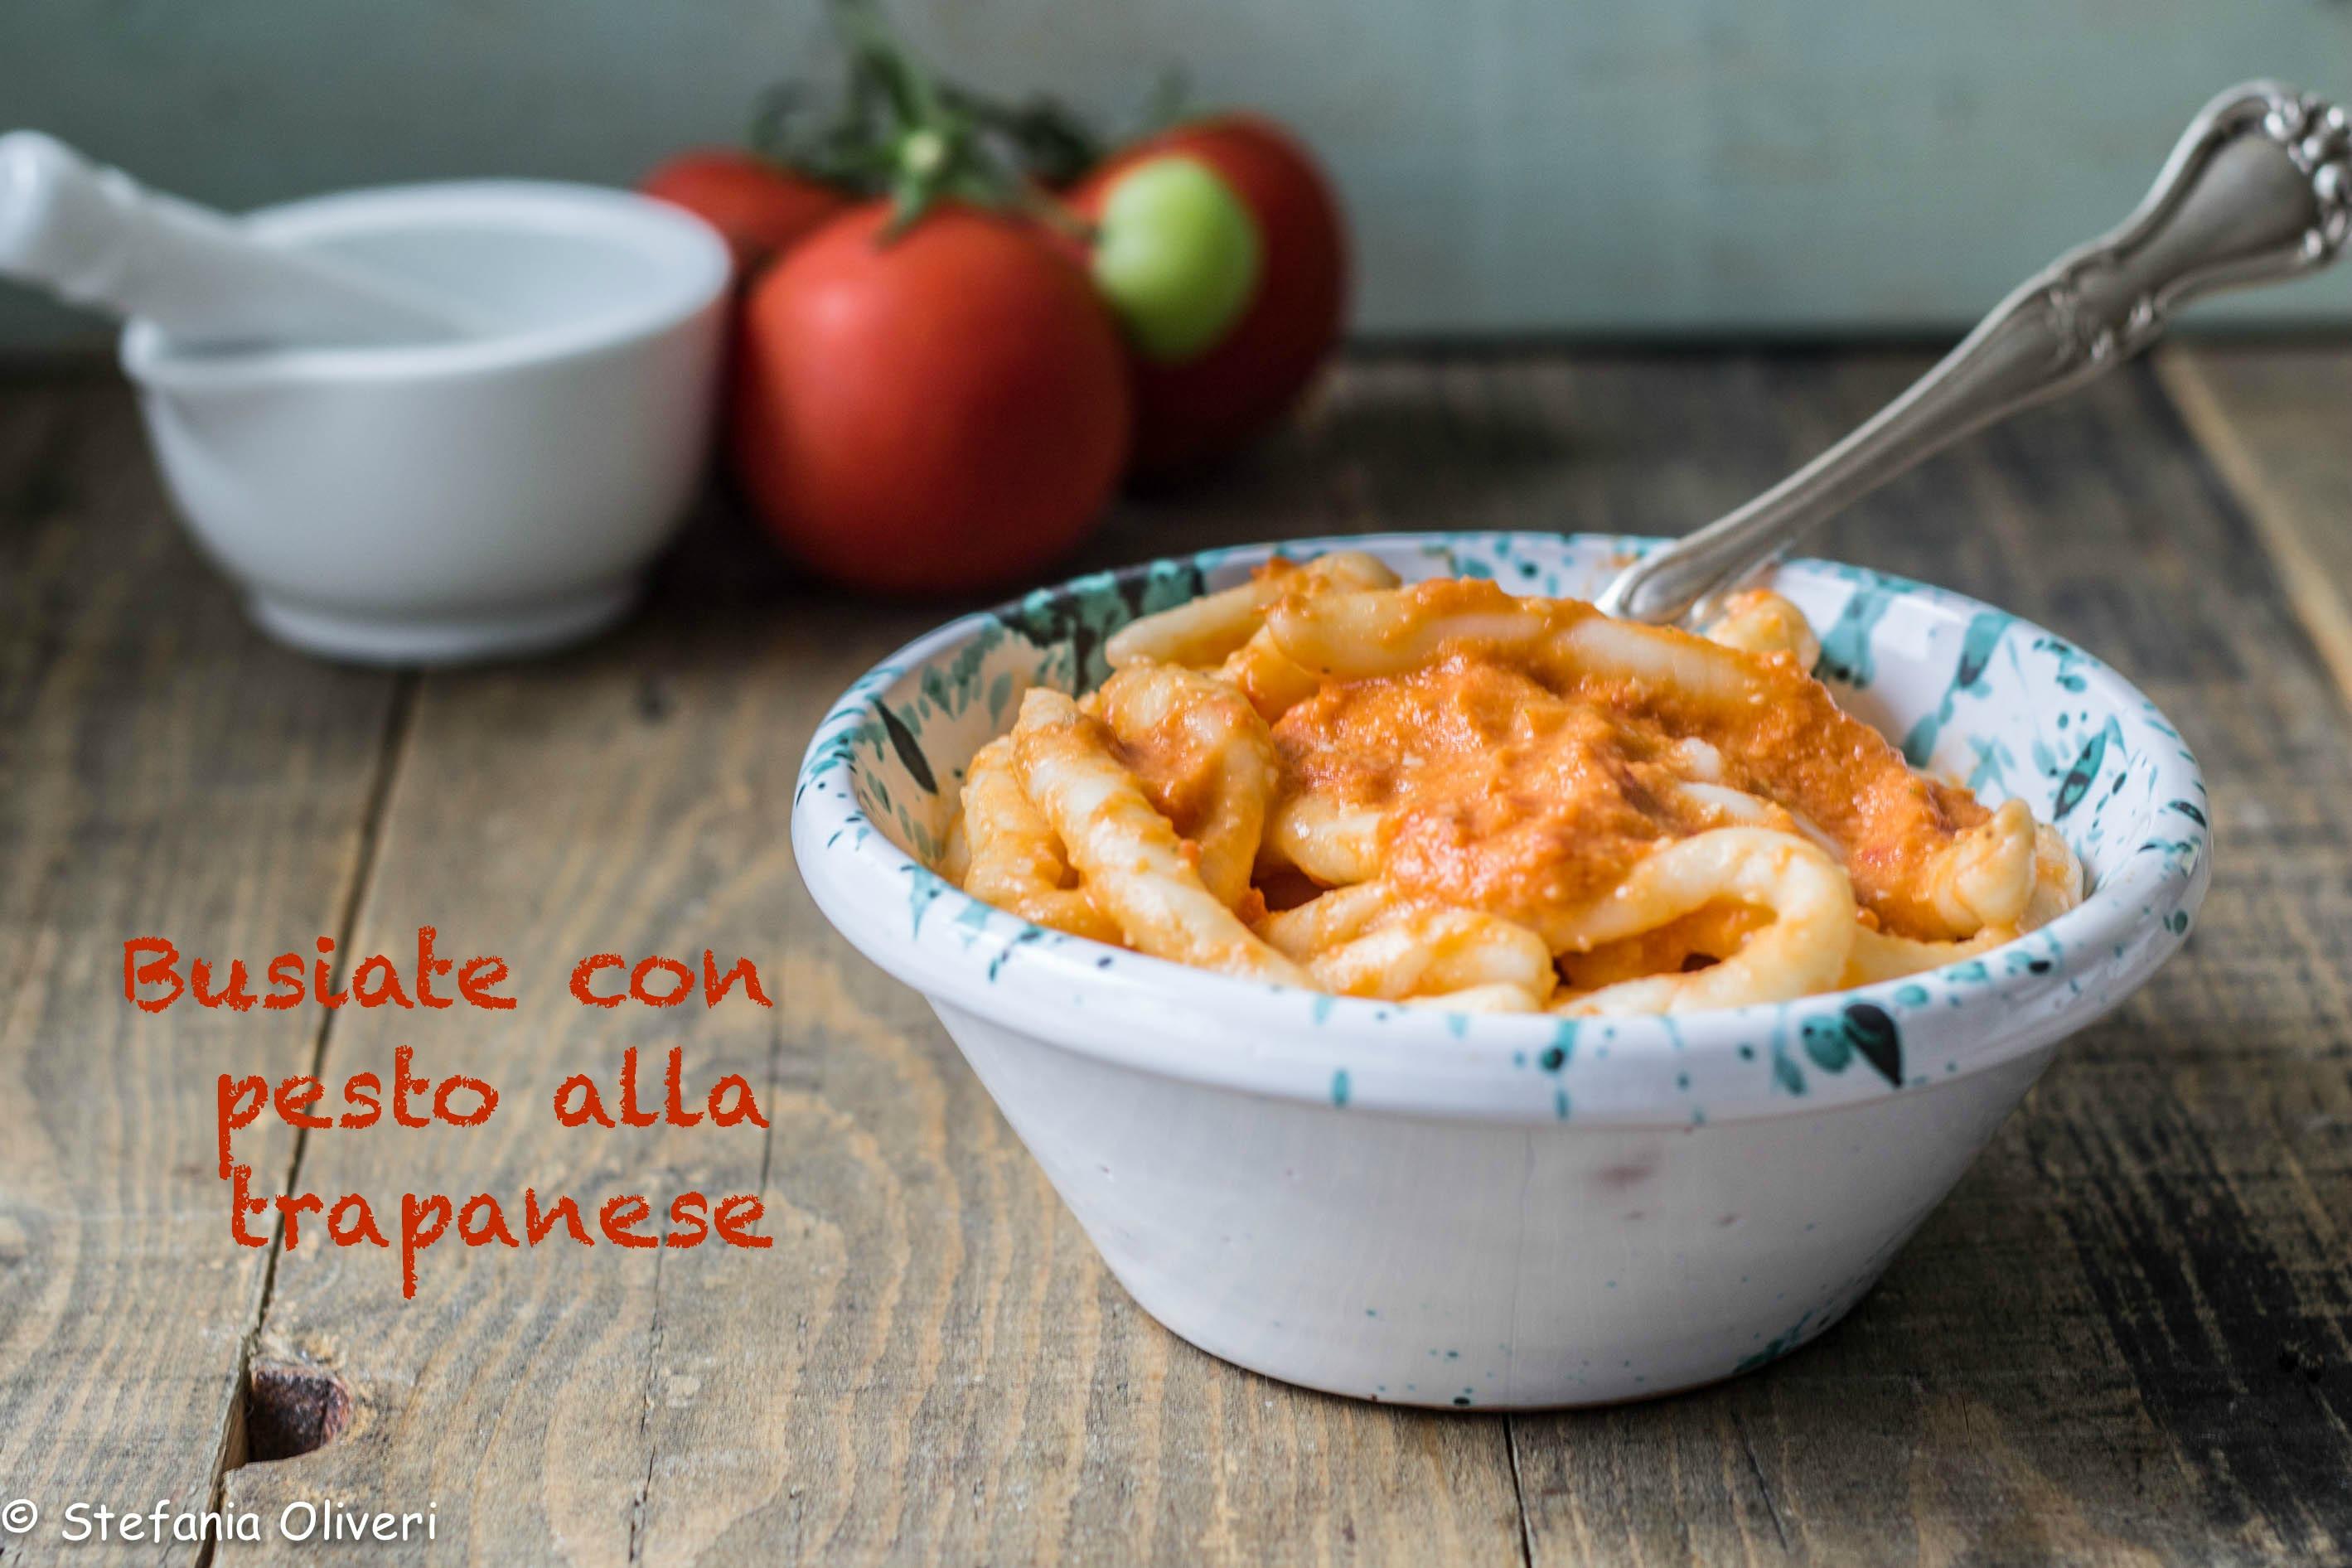 Busiate senza glutine con pesto alla trapanese - Cardamomo & co